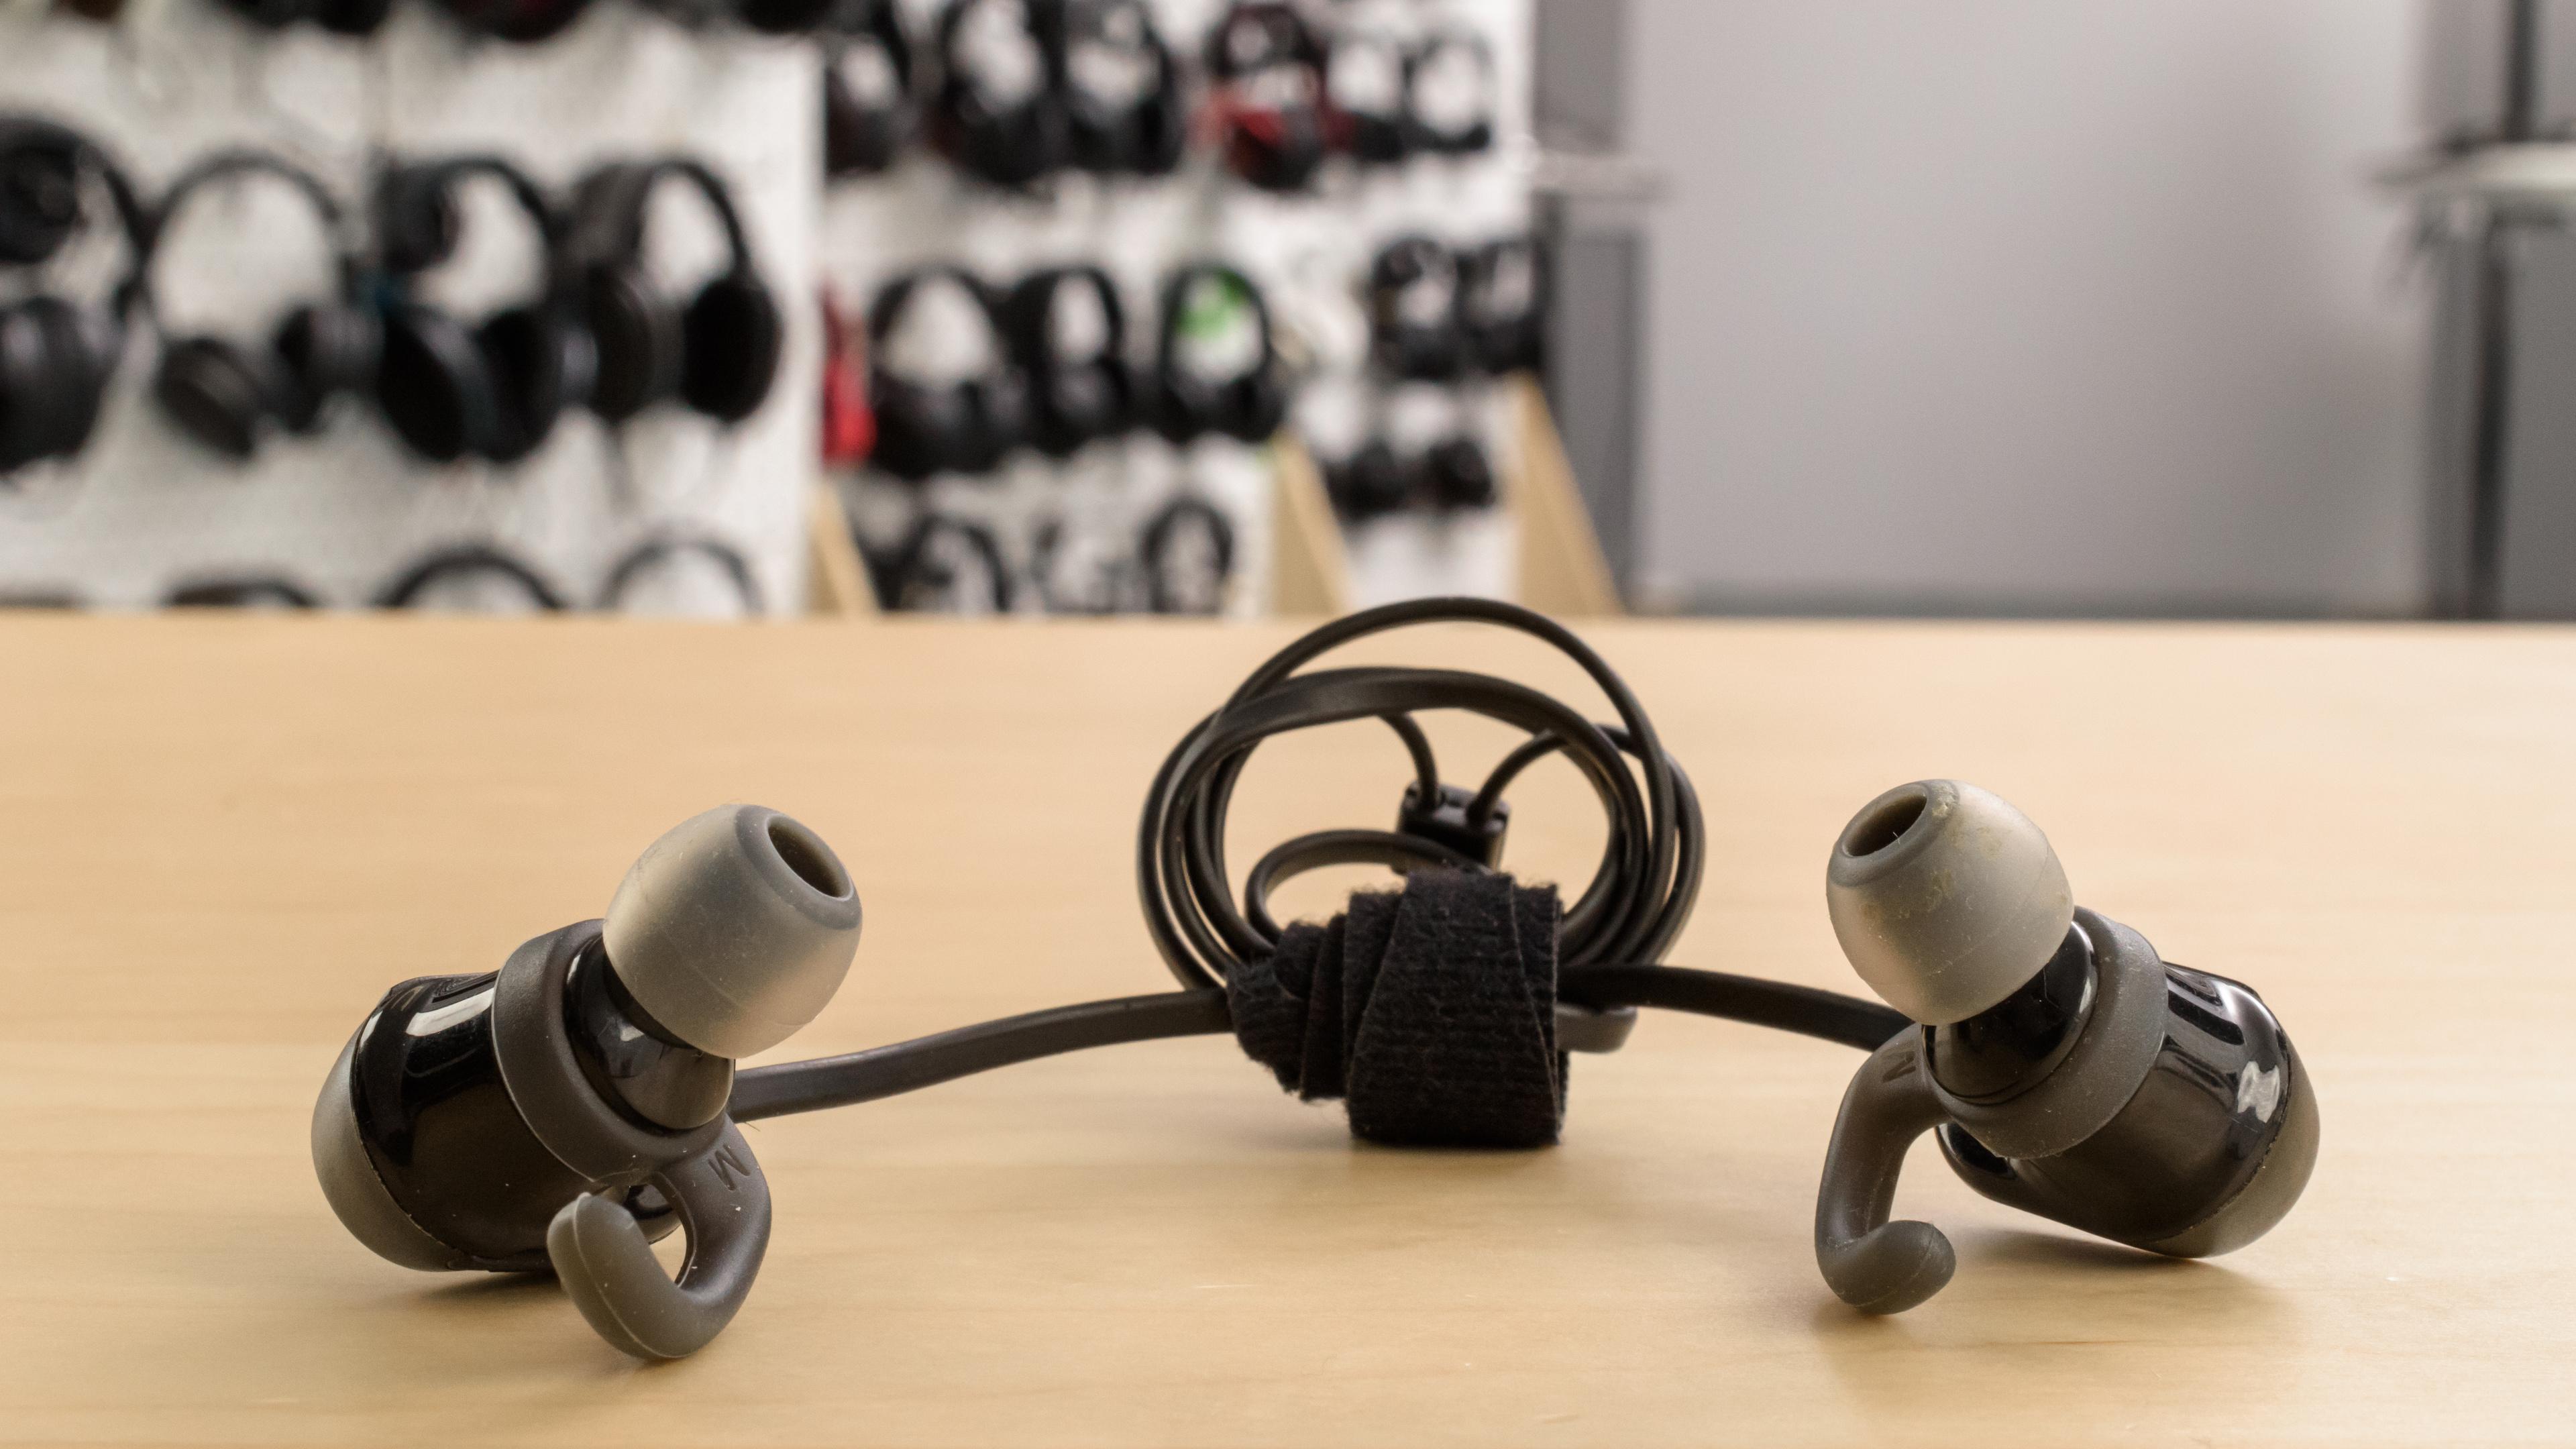 f2a505b9c7e Anker SoundBuds Sport Wireless Review - RTINGS.com